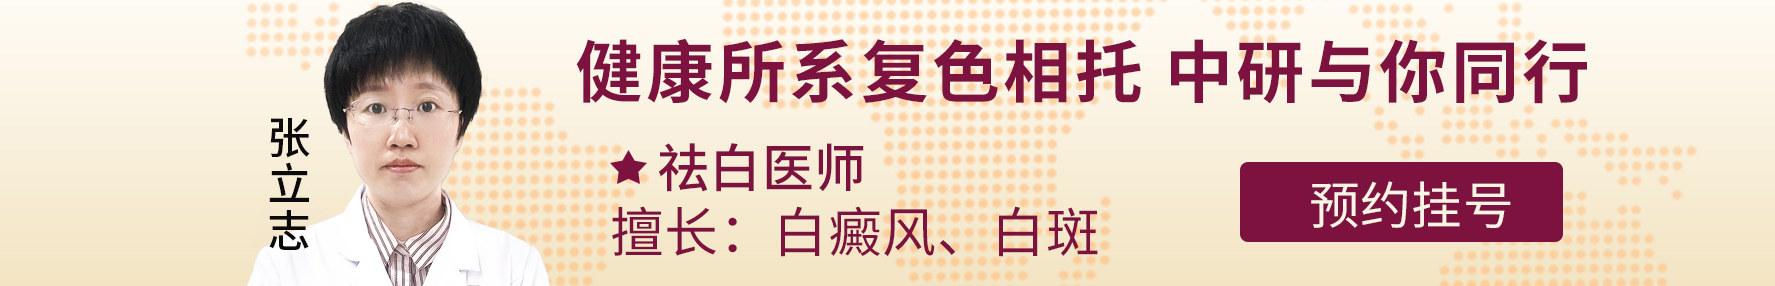 温州白癜风在线视频偷国产精品